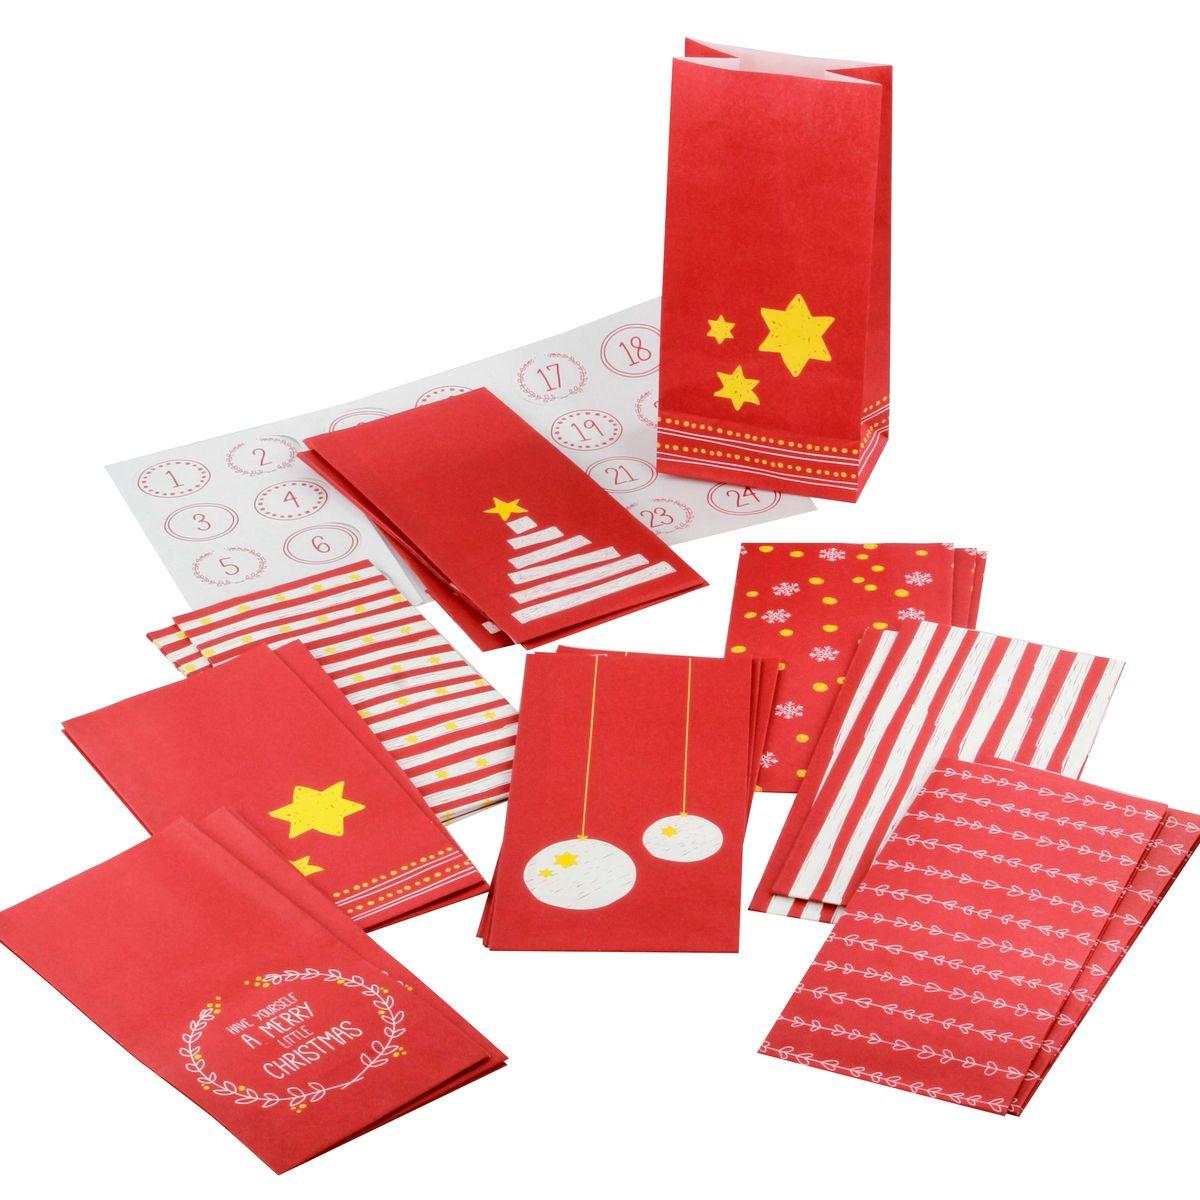 Kit calendrier de l´avent 24 sachets + 24 stickers - Birkmann